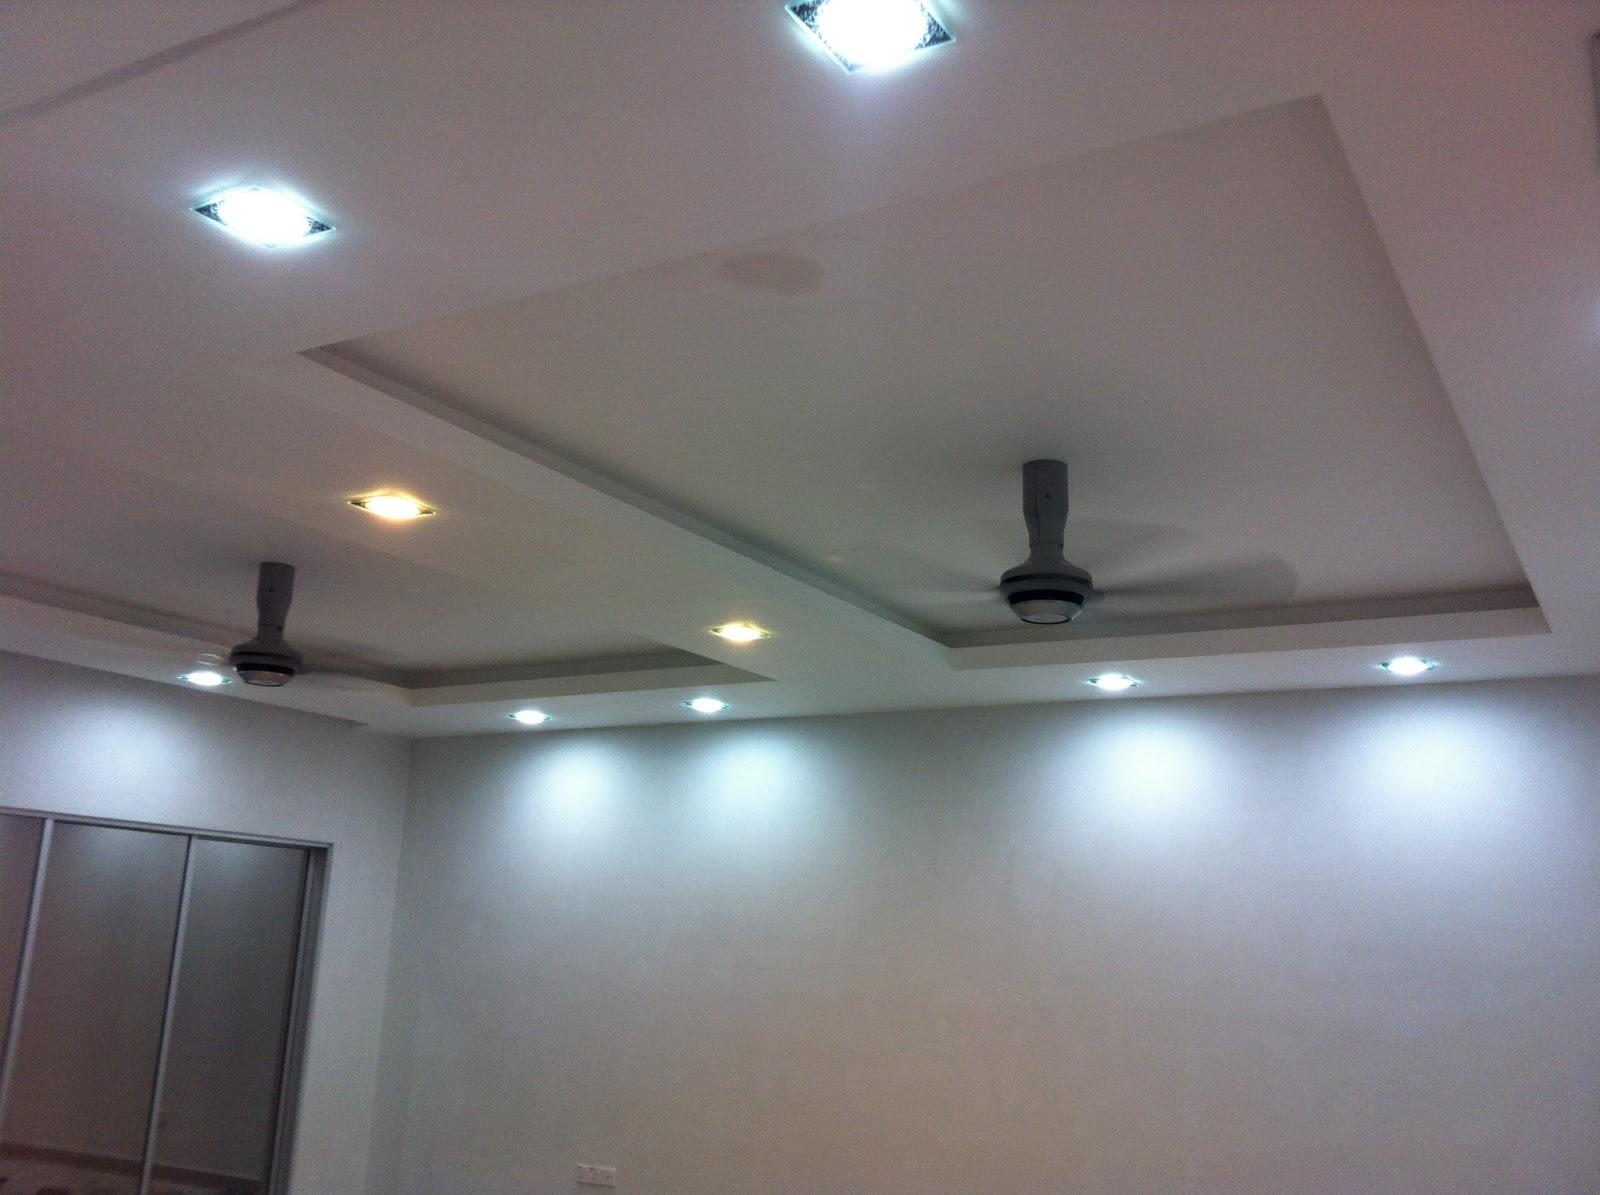 plaster ceiling light photo - 6